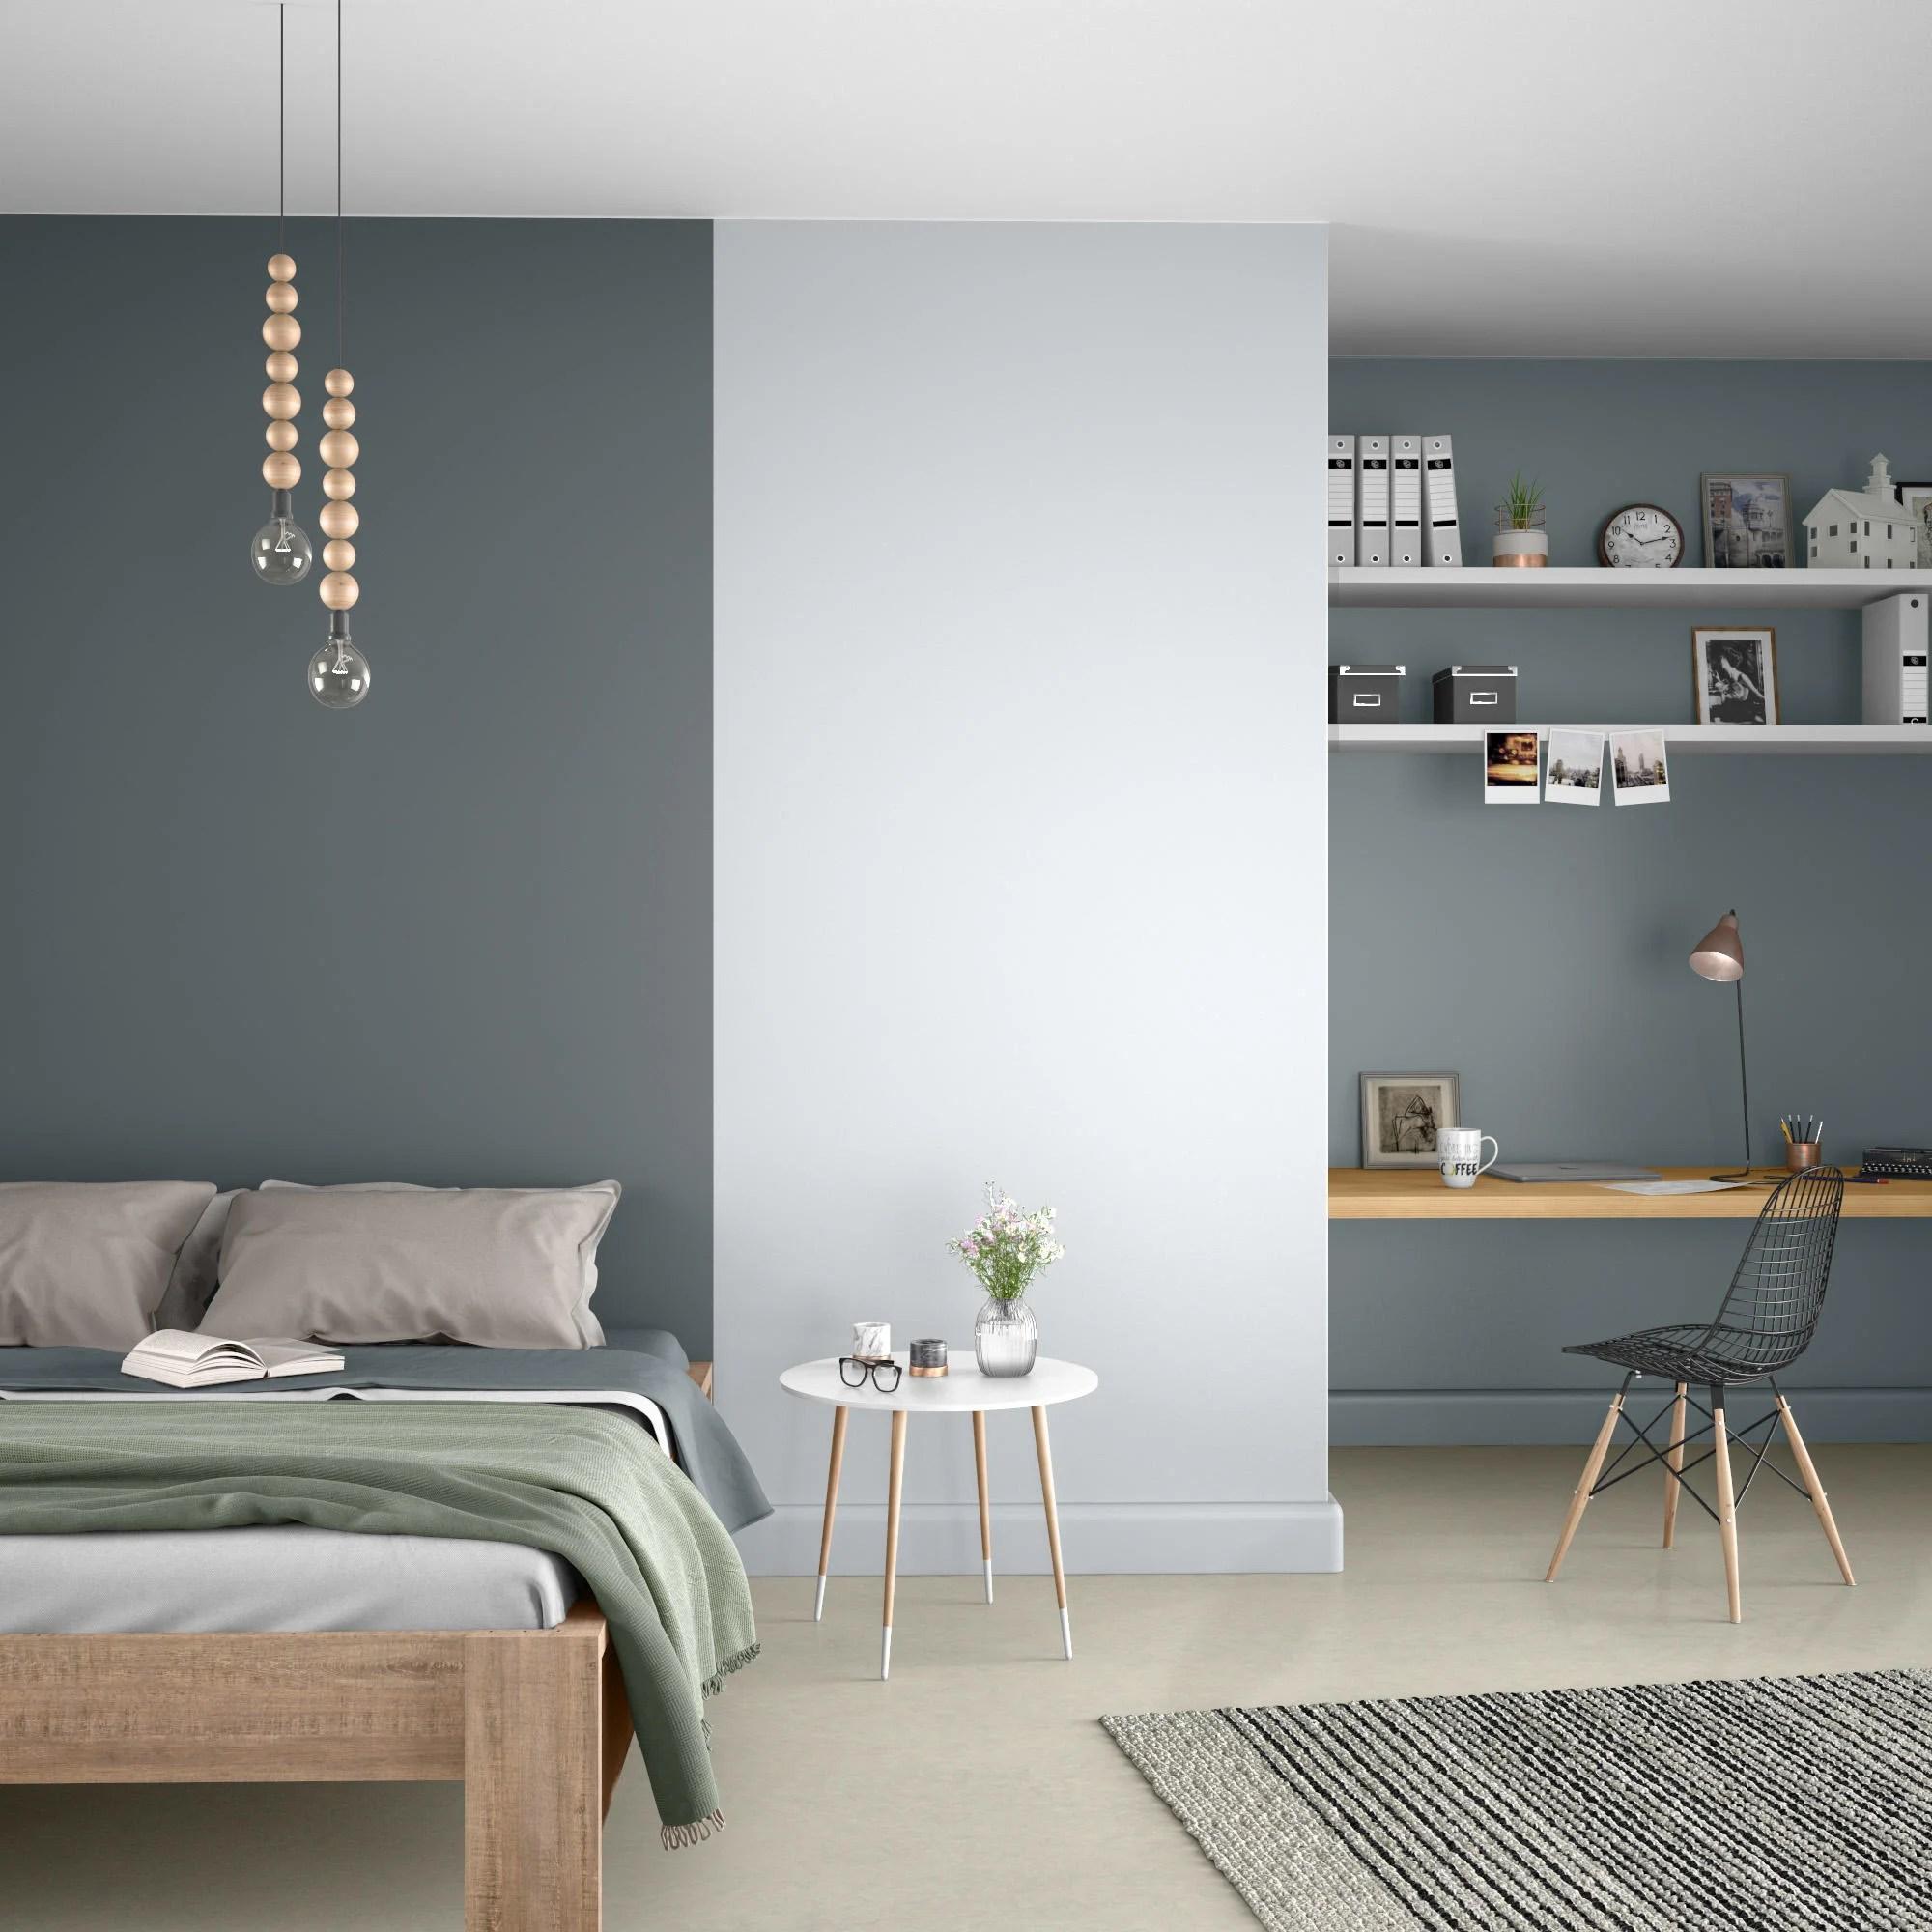 È possibile poter acquistare veramente di tutto, anche pittura per pareti. Pittura Murale Lavabile Luxens Grigio Granit 6 2 5 L Leroy Merlin